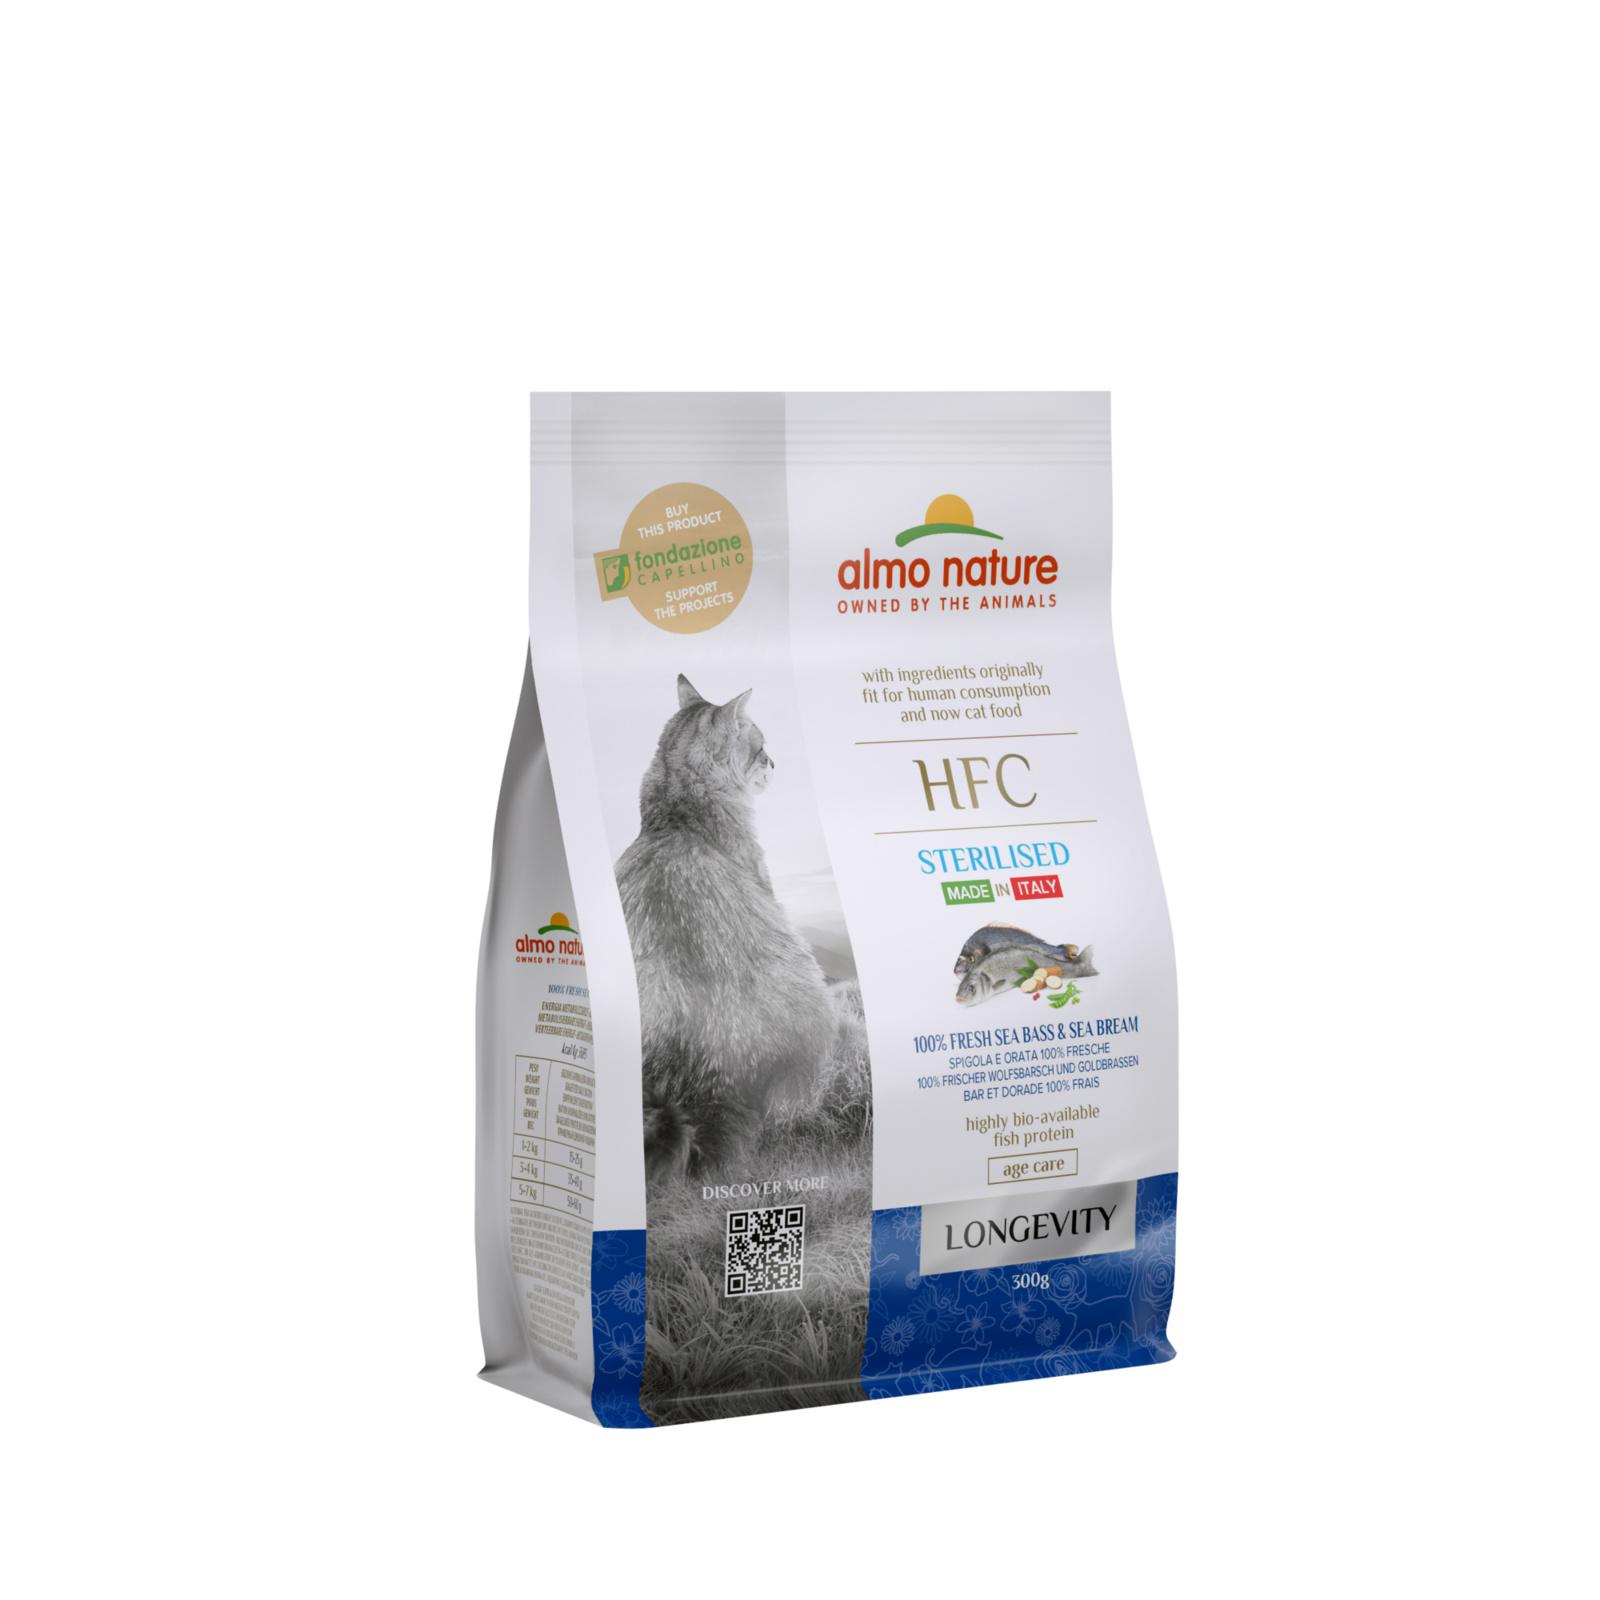 Almo Nature Для взрослых и пожилых стерилизованных кошек, со свежей морской рыбой: окунь и лещ (50% рыбы) (1,2 кг)